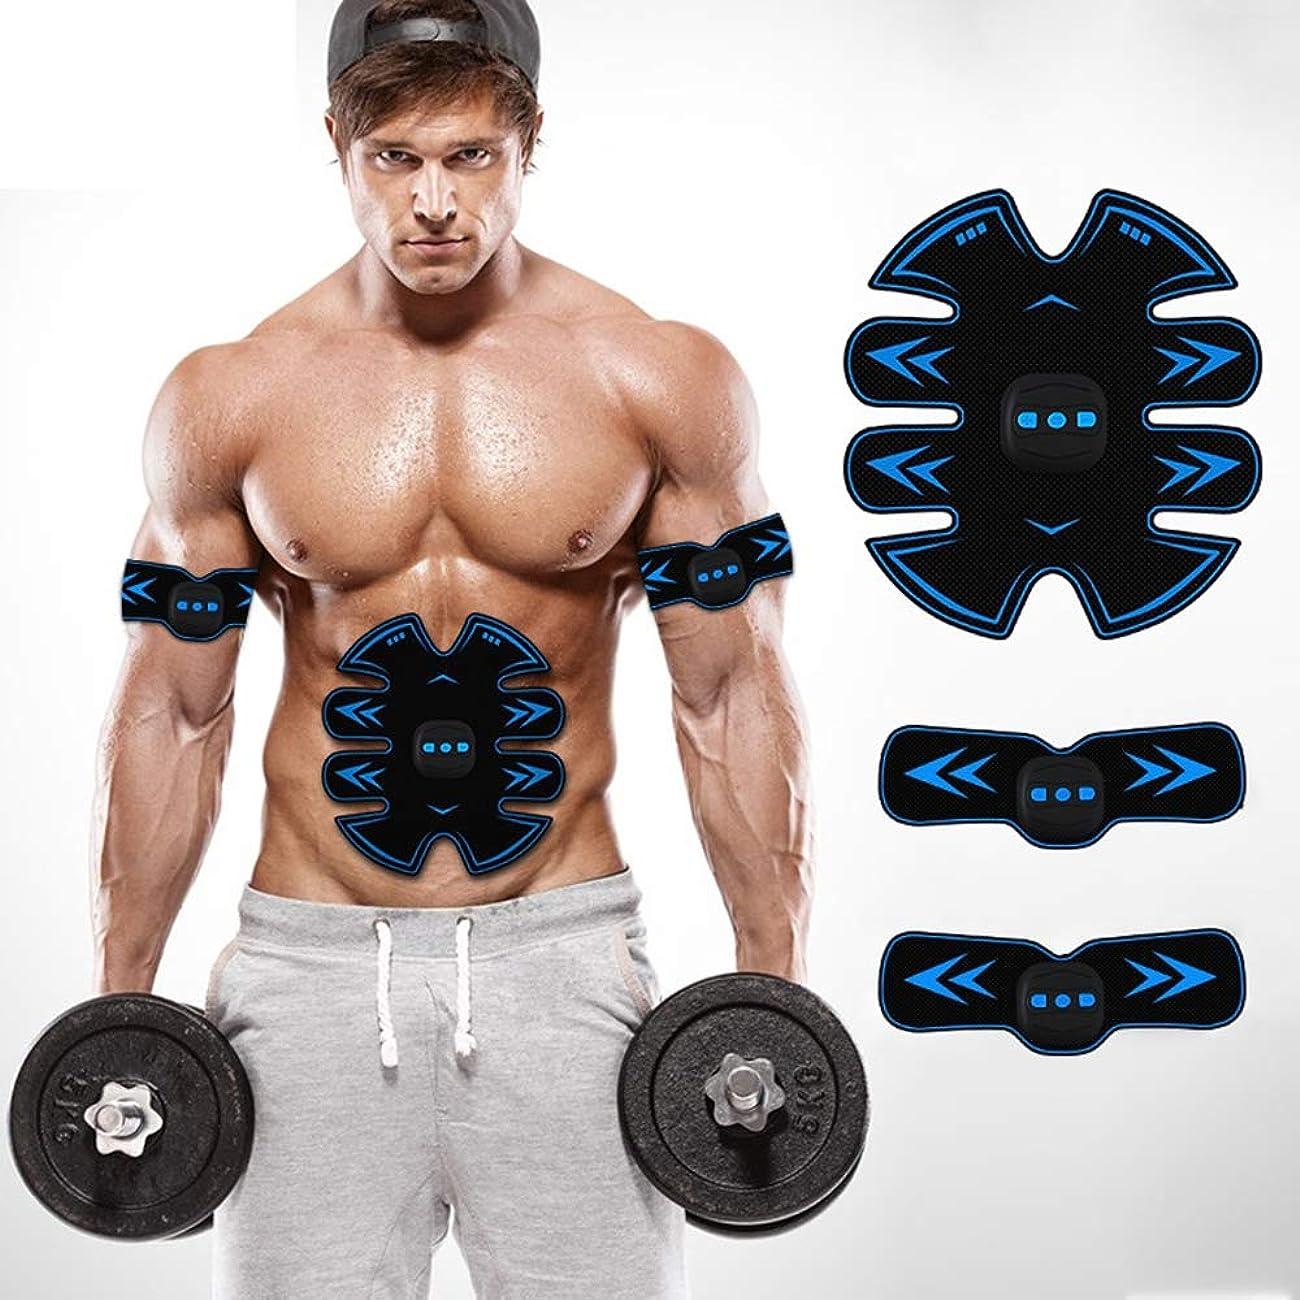 数字ドメイン破滅的なスマートUSB電気腹部機器ワイヤレスEMS筋肉刺激装置ウエスト減量マシン男性と女性の運動腹筋トレーニングフィットネス機器,Blue